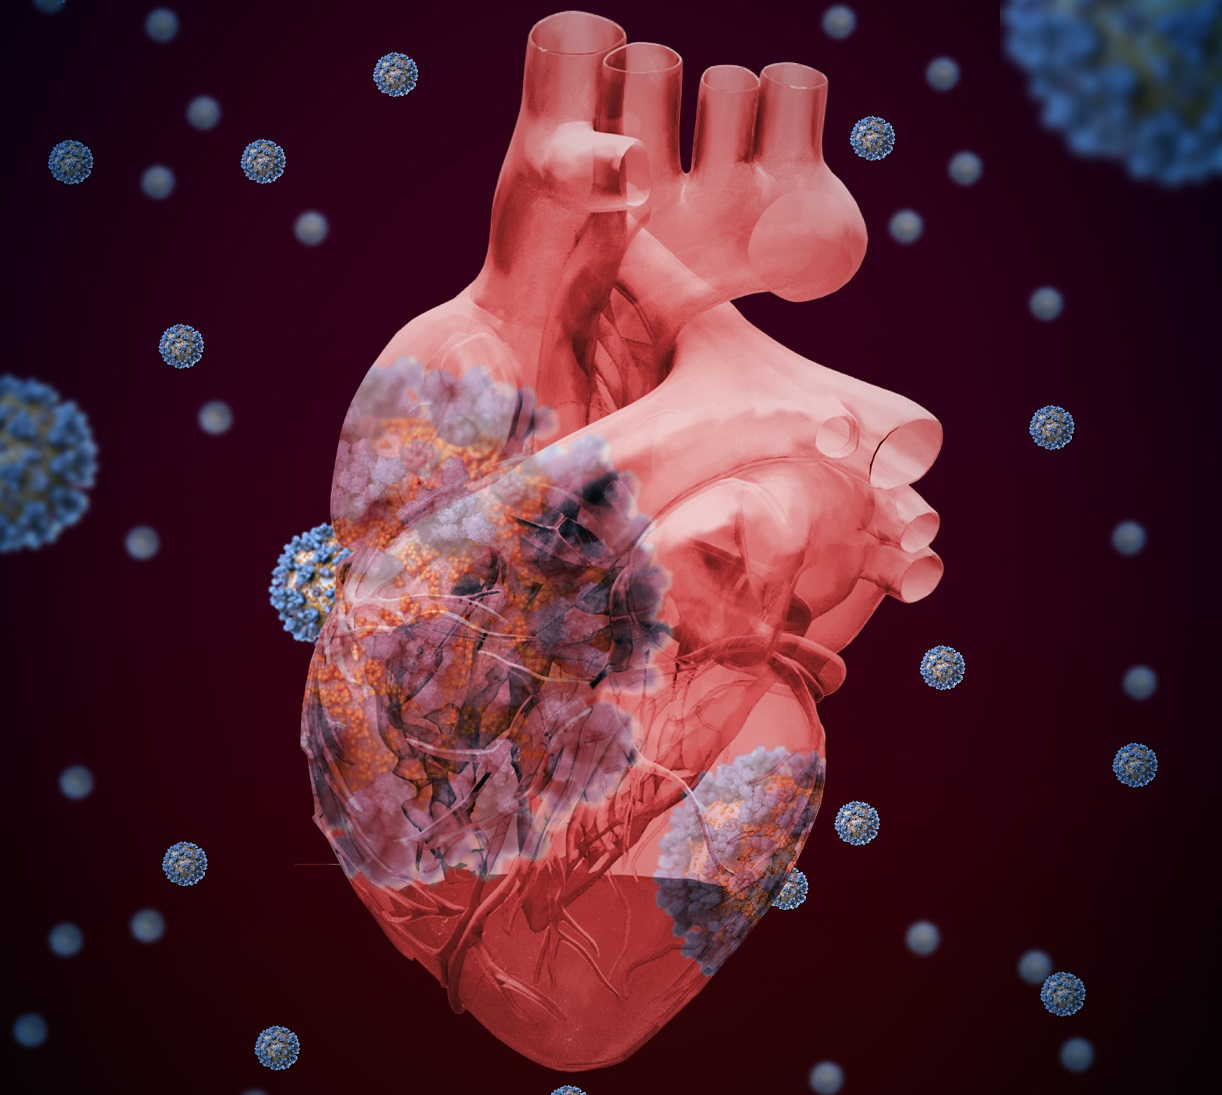 53b5162b 8a27 4618 8e93 67802c994df9 - ¿Cómo afecta al corazón el COVID-19?